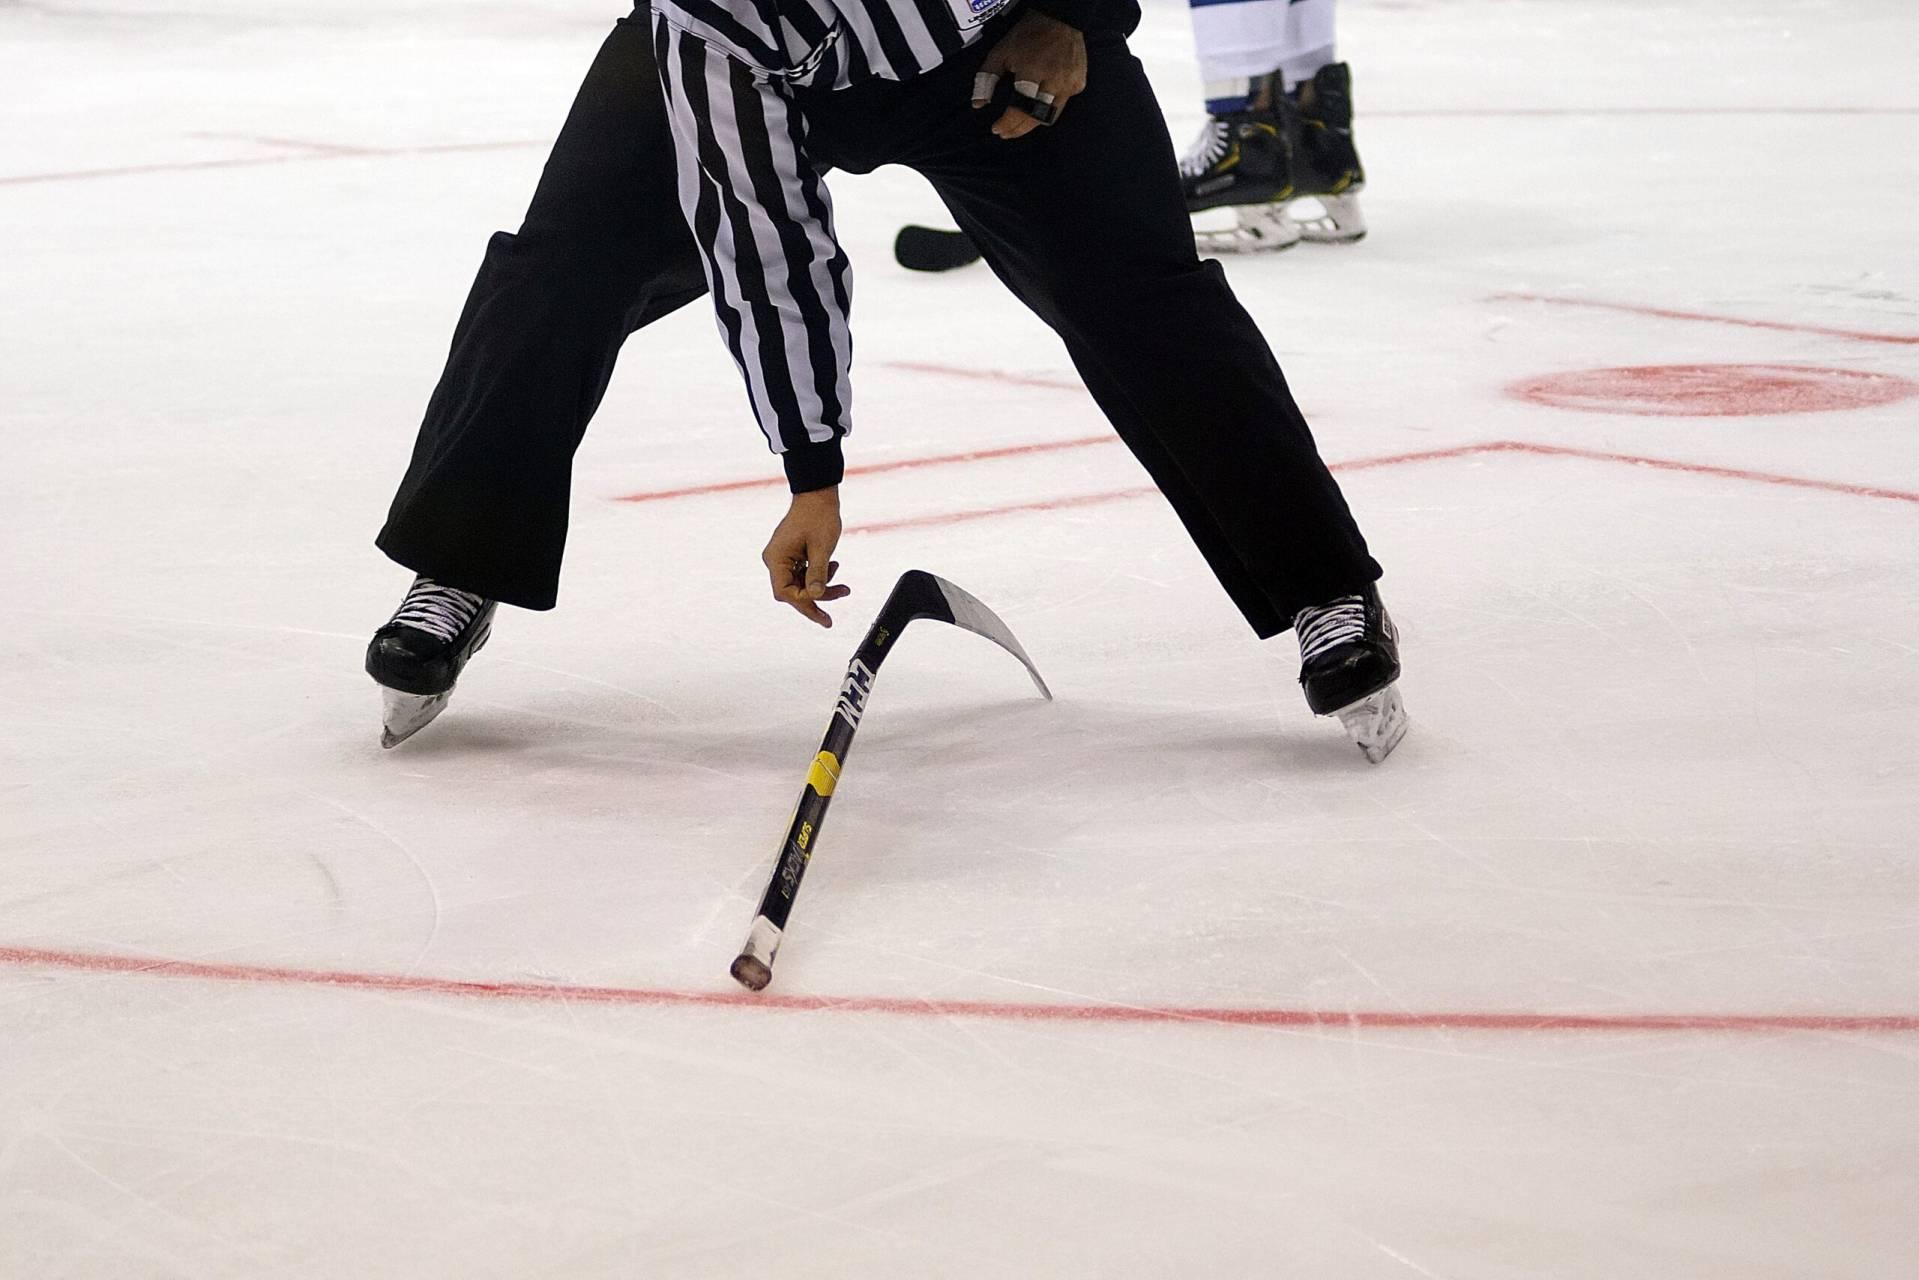 Hockeymålvakt plockar upp trasig klubba